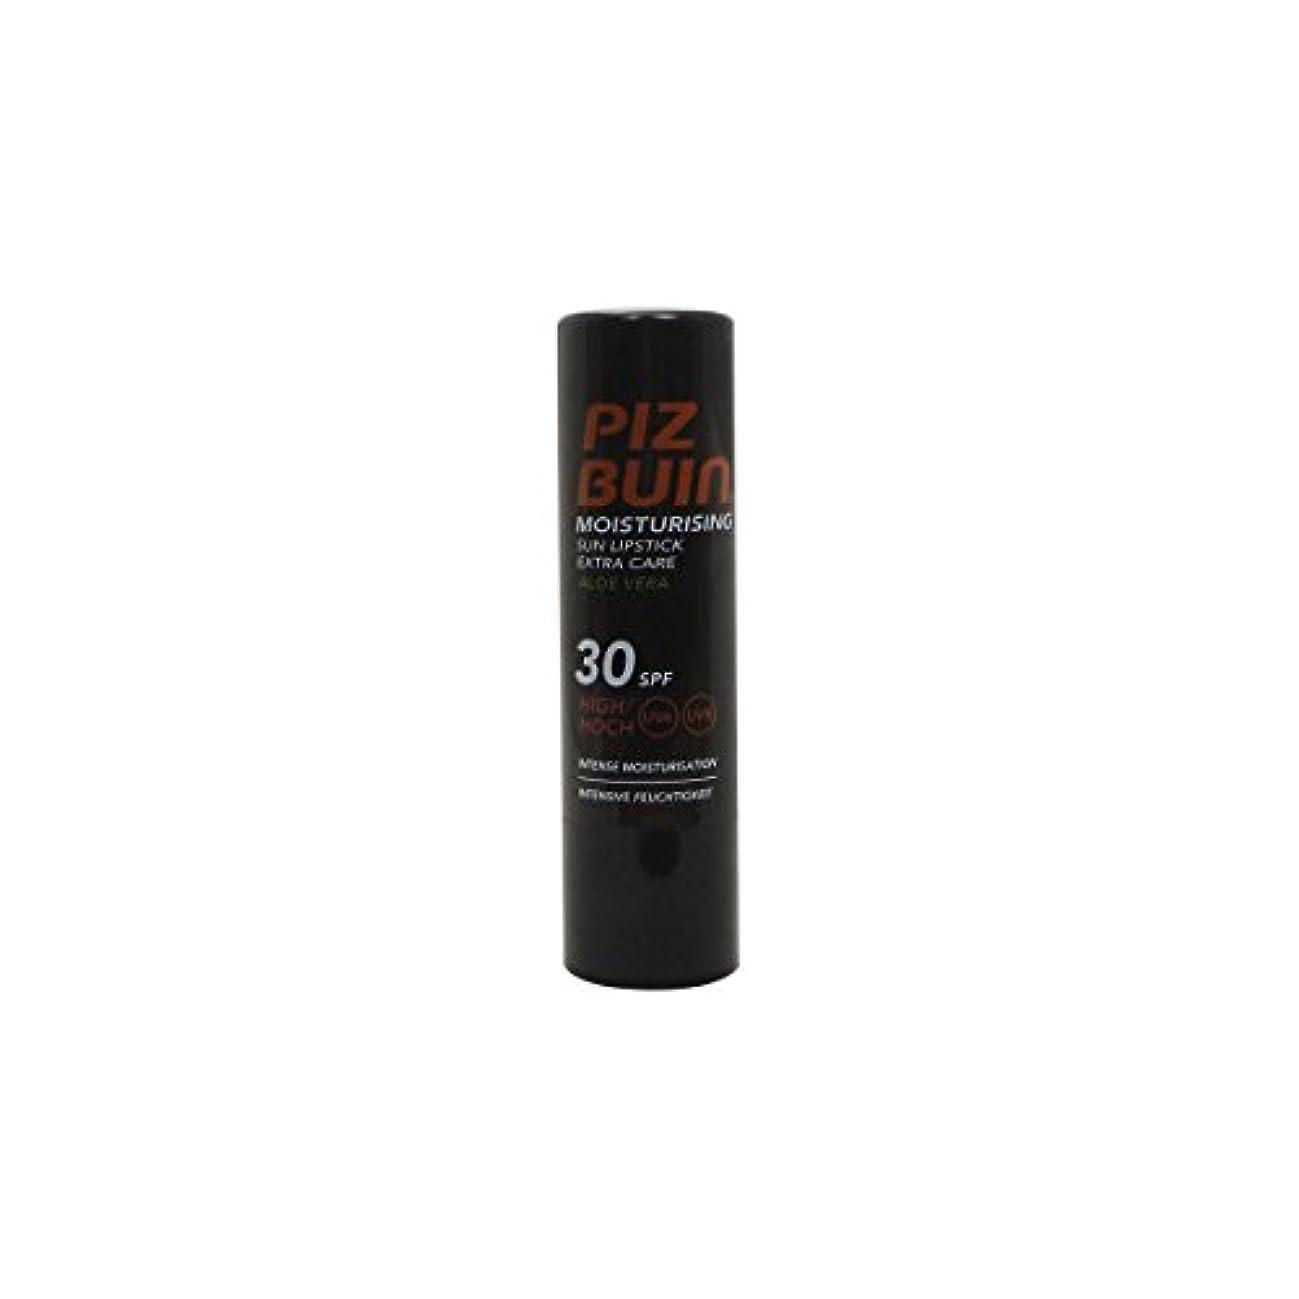 かすかなと遊ぶ意志に反するPiz Buin Lipstick Spf 30 Moisturising With Aloe Vera5g [並行輸入品]